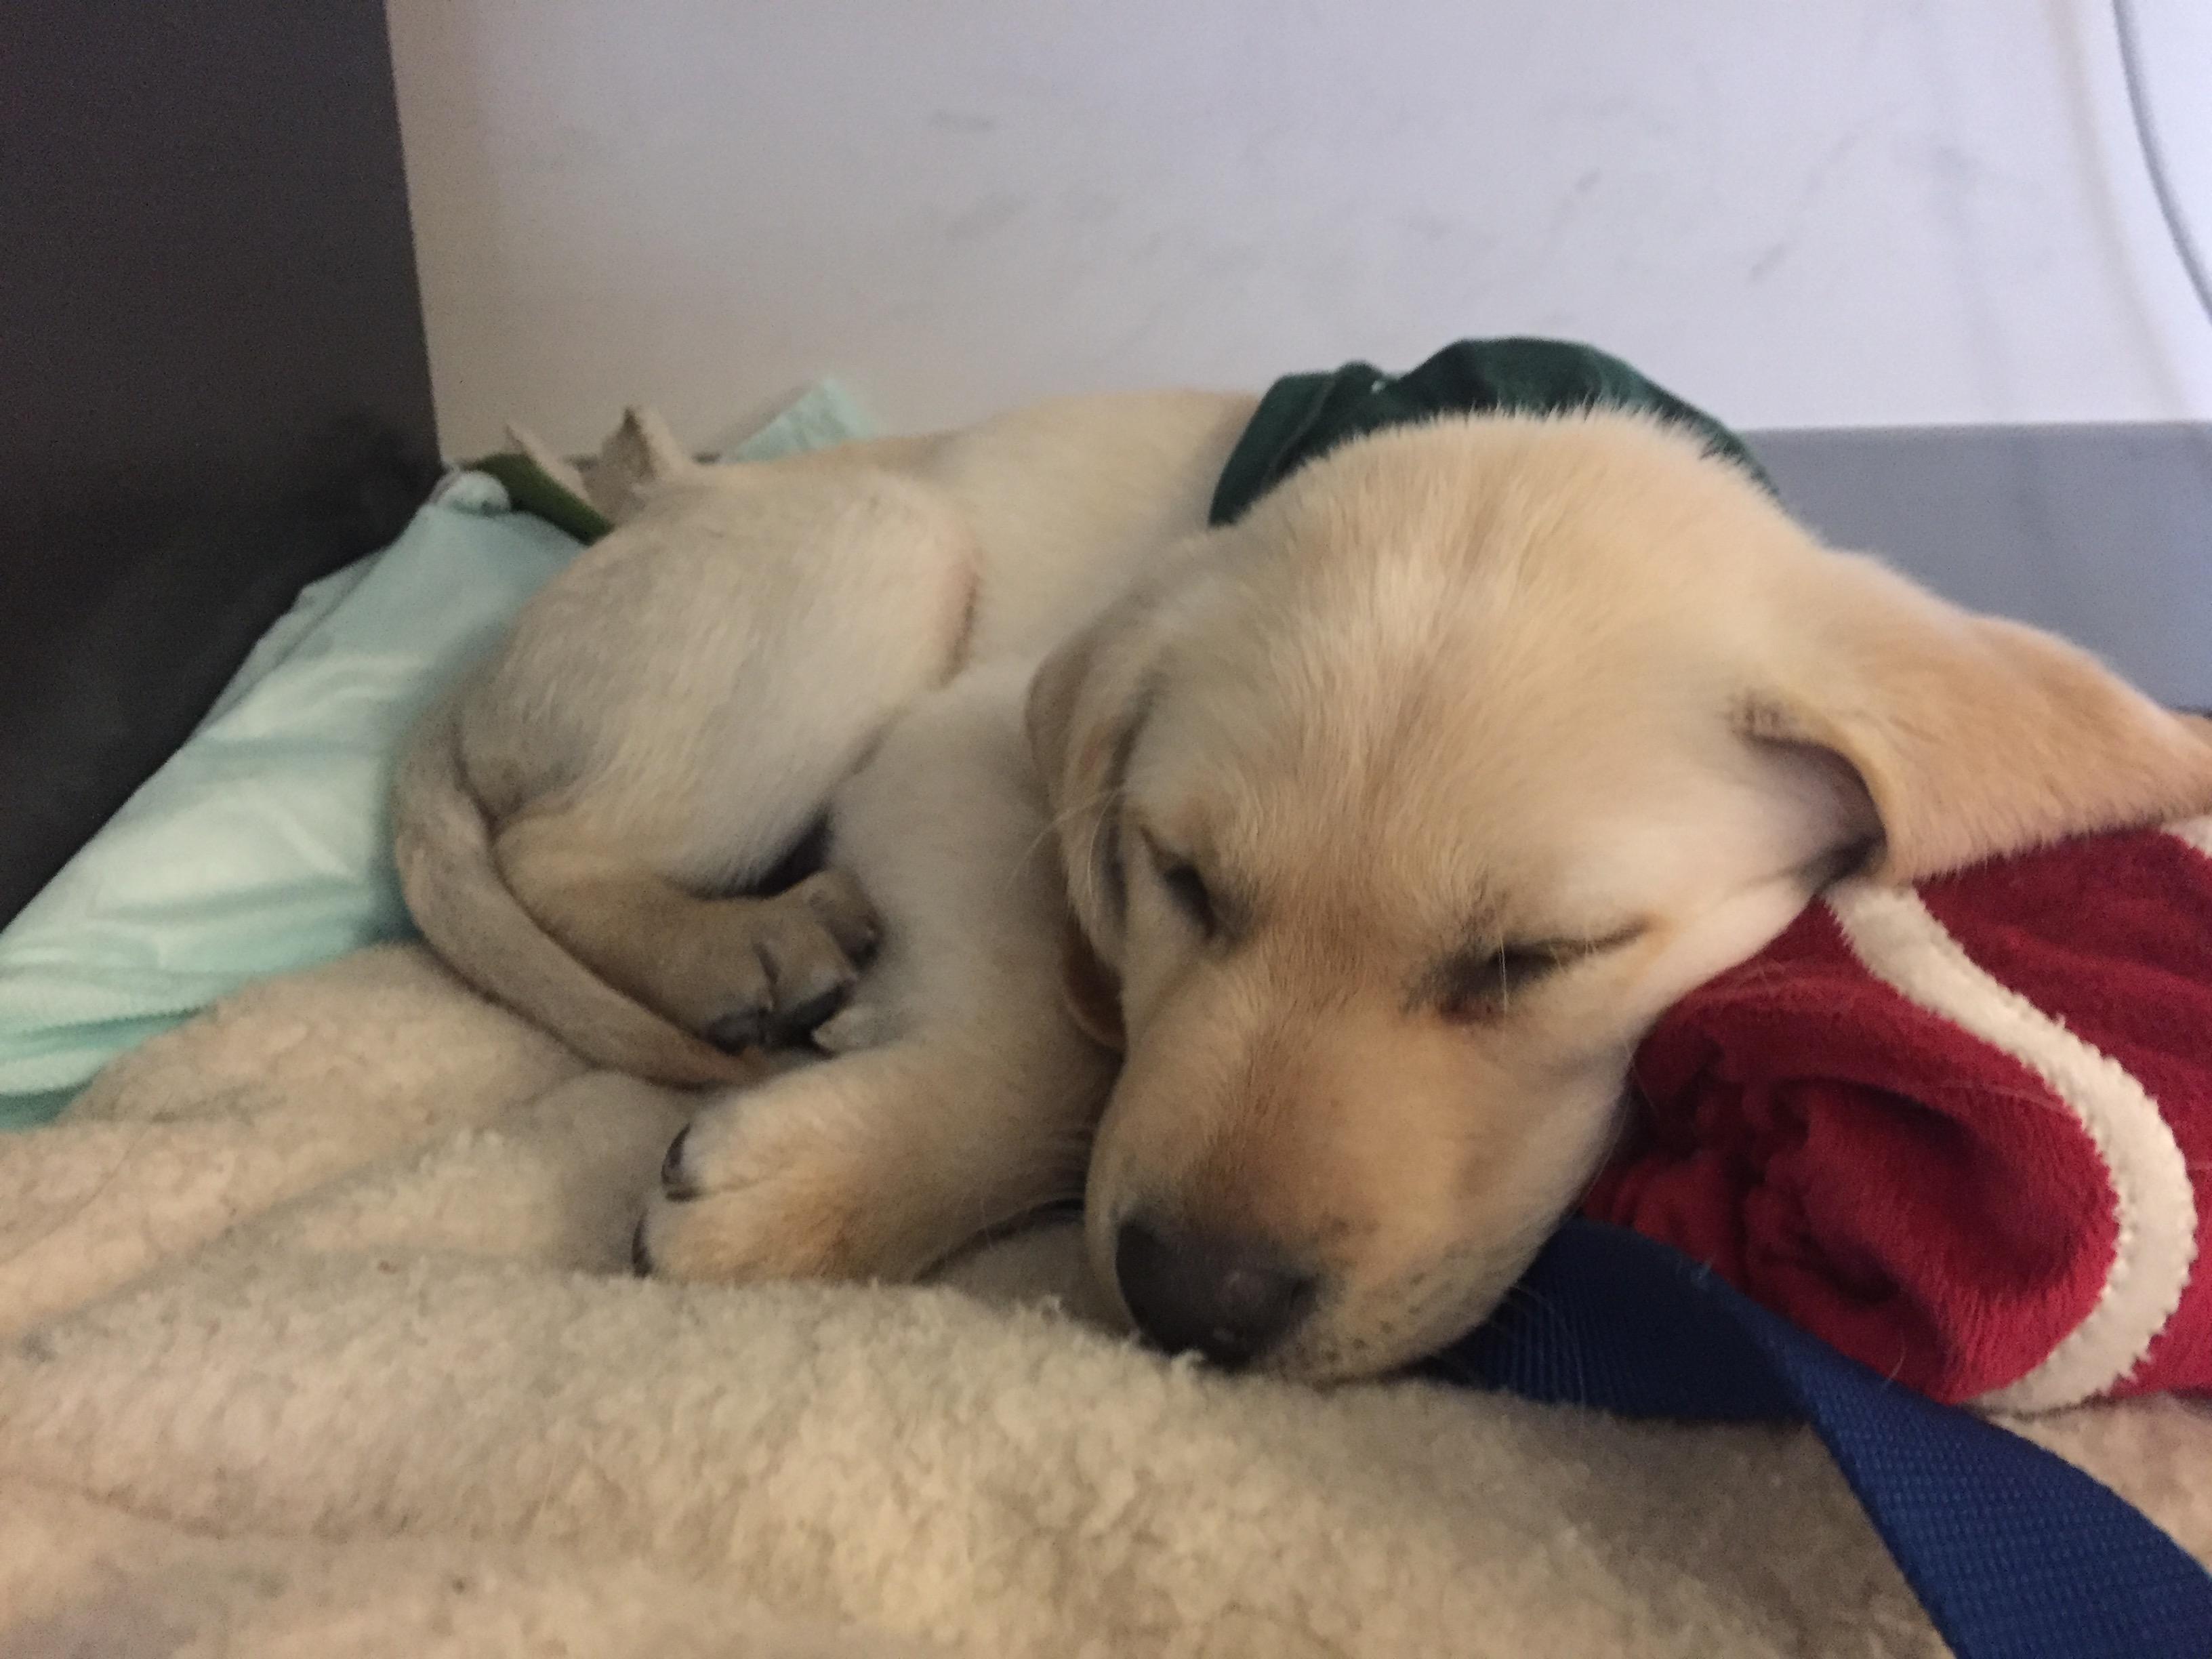 A 10-week-old yellow Golden Retriever/Yellow Labrador puppy sleeps on his bacon pillow.